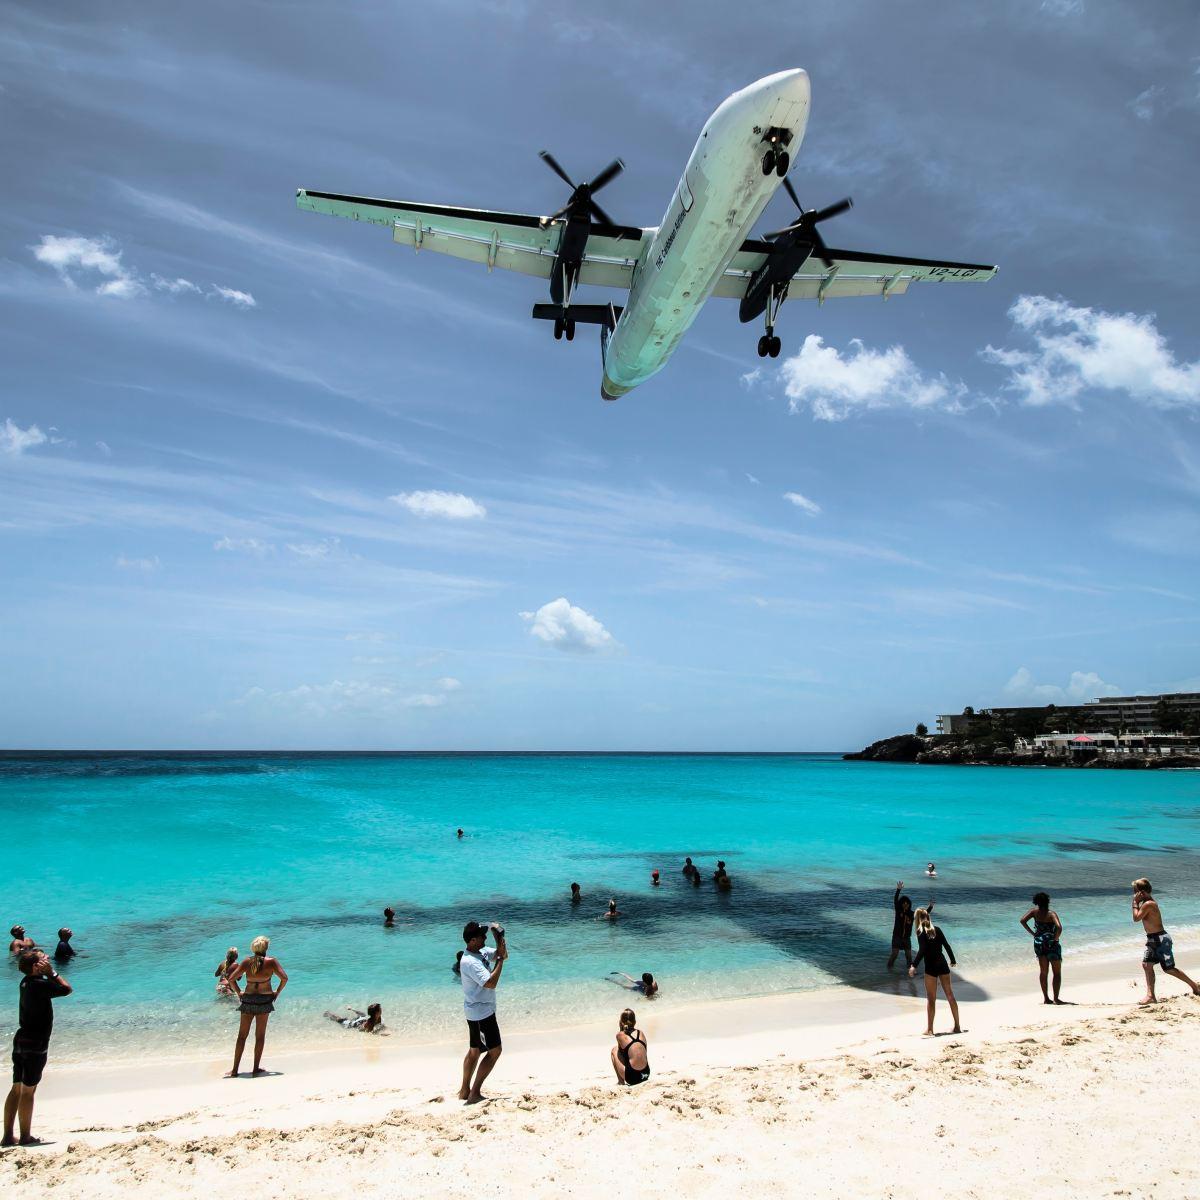 Avión aterrizando en la playa. Singularia.Foto de Ramon Kagie en Unsplash